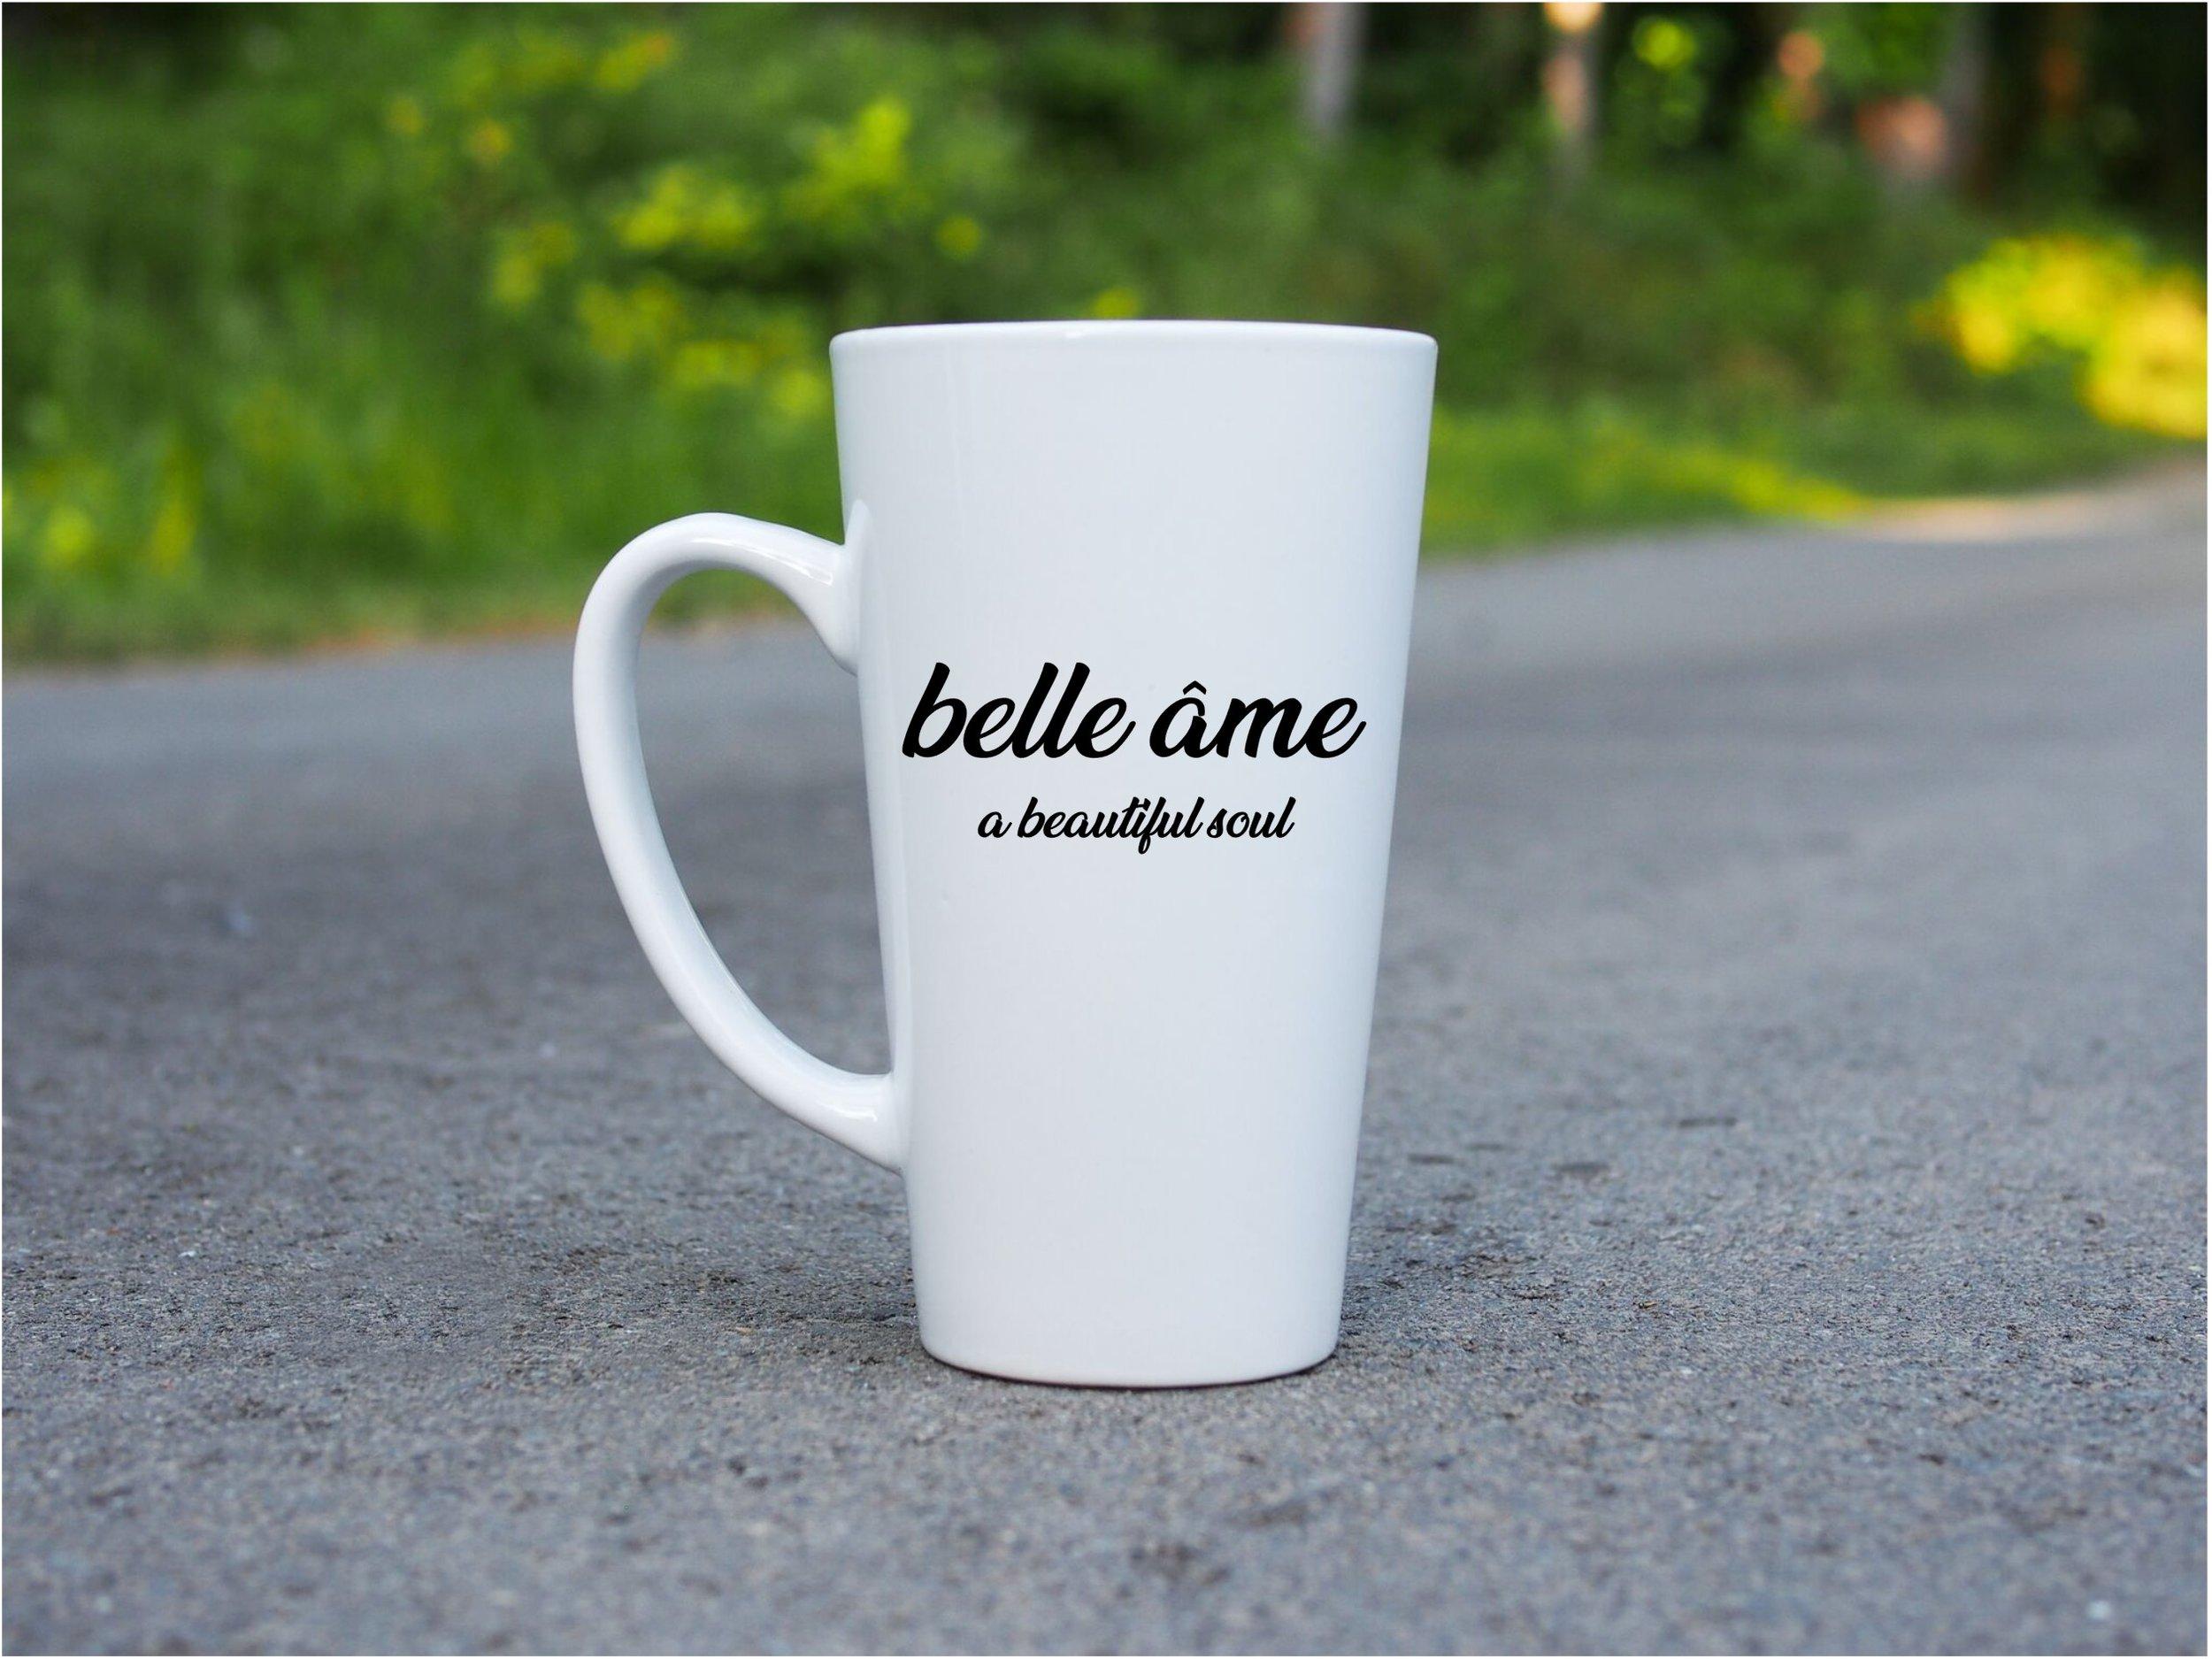 belle ame cup[2685].jpg